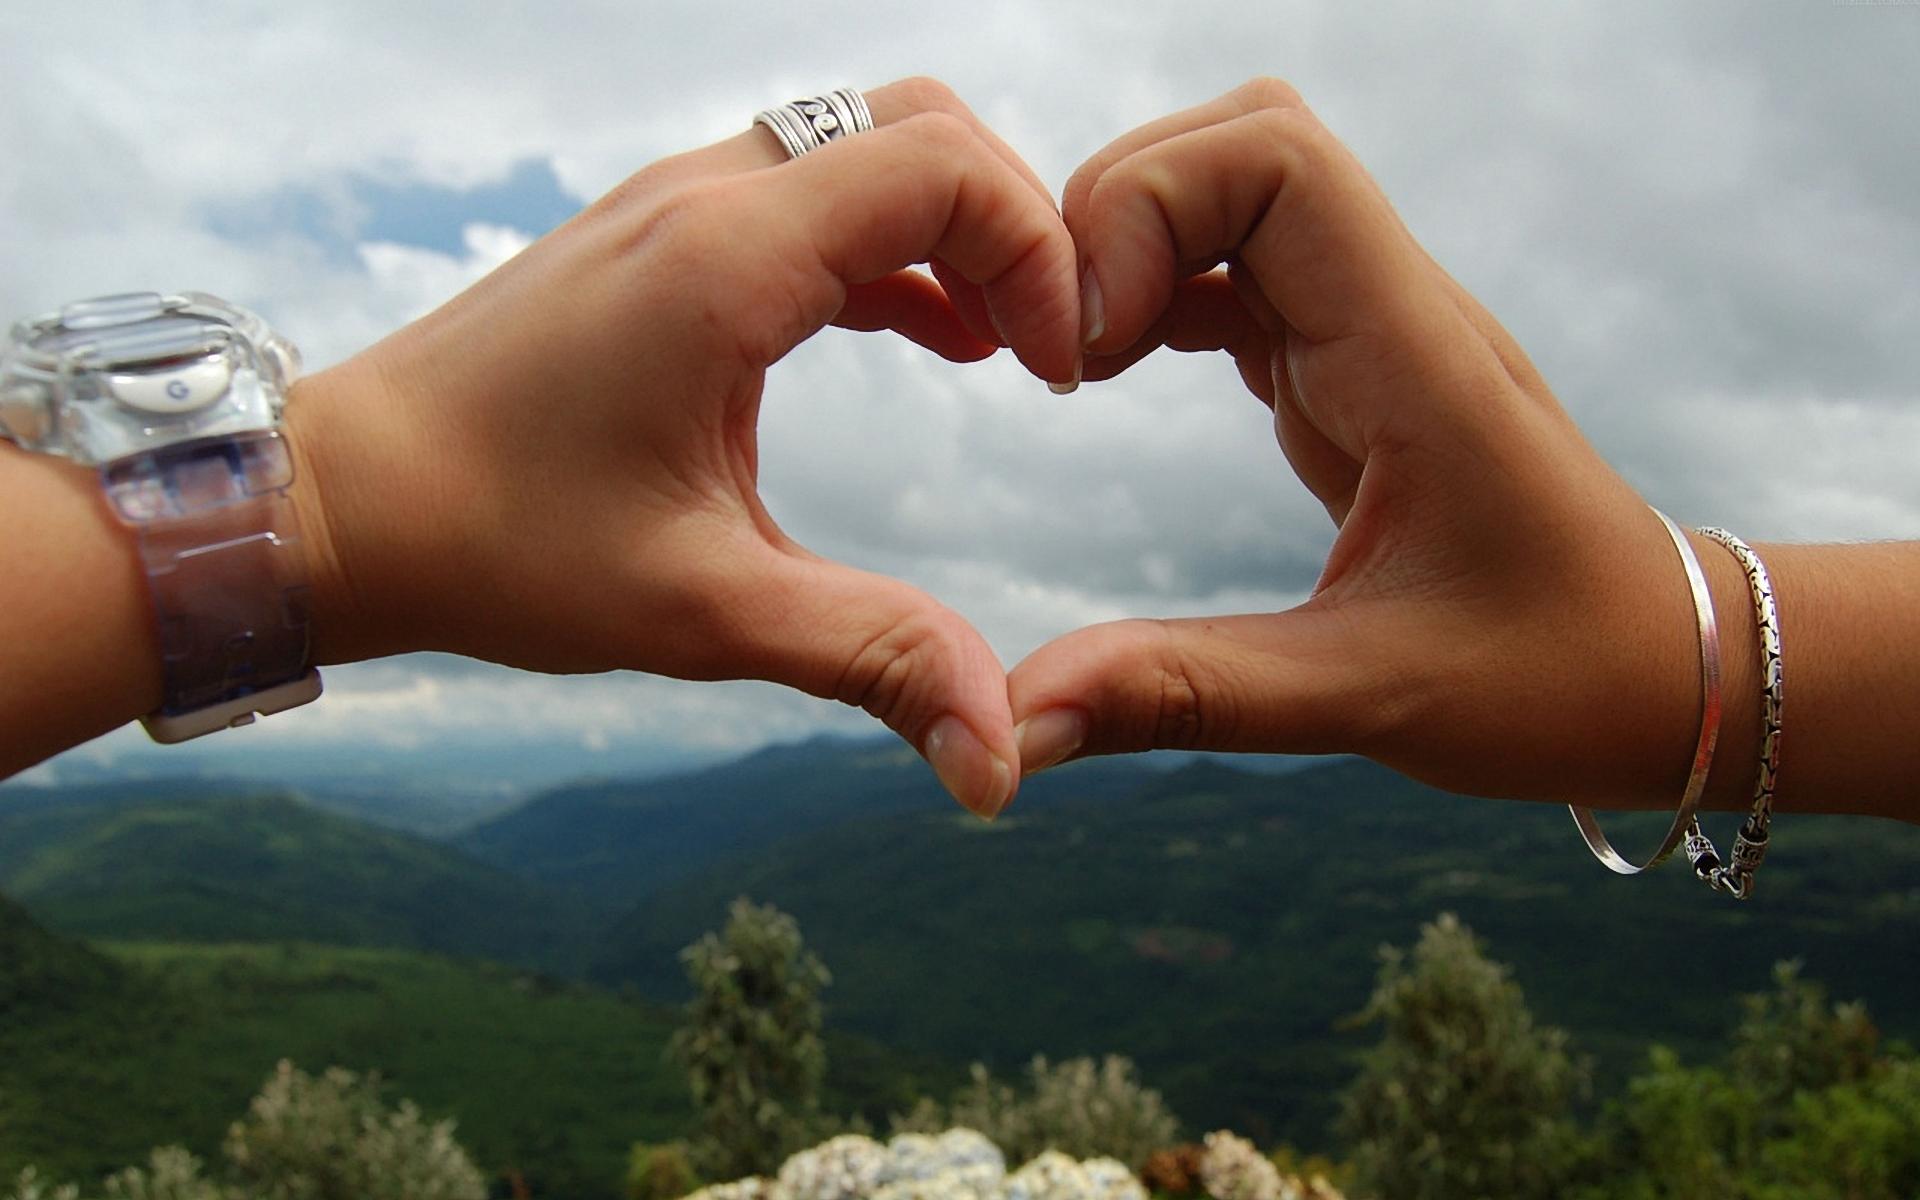 متن زیبا برای دوست داشتن ، همسر و دوست و پدر و مادر و عمو